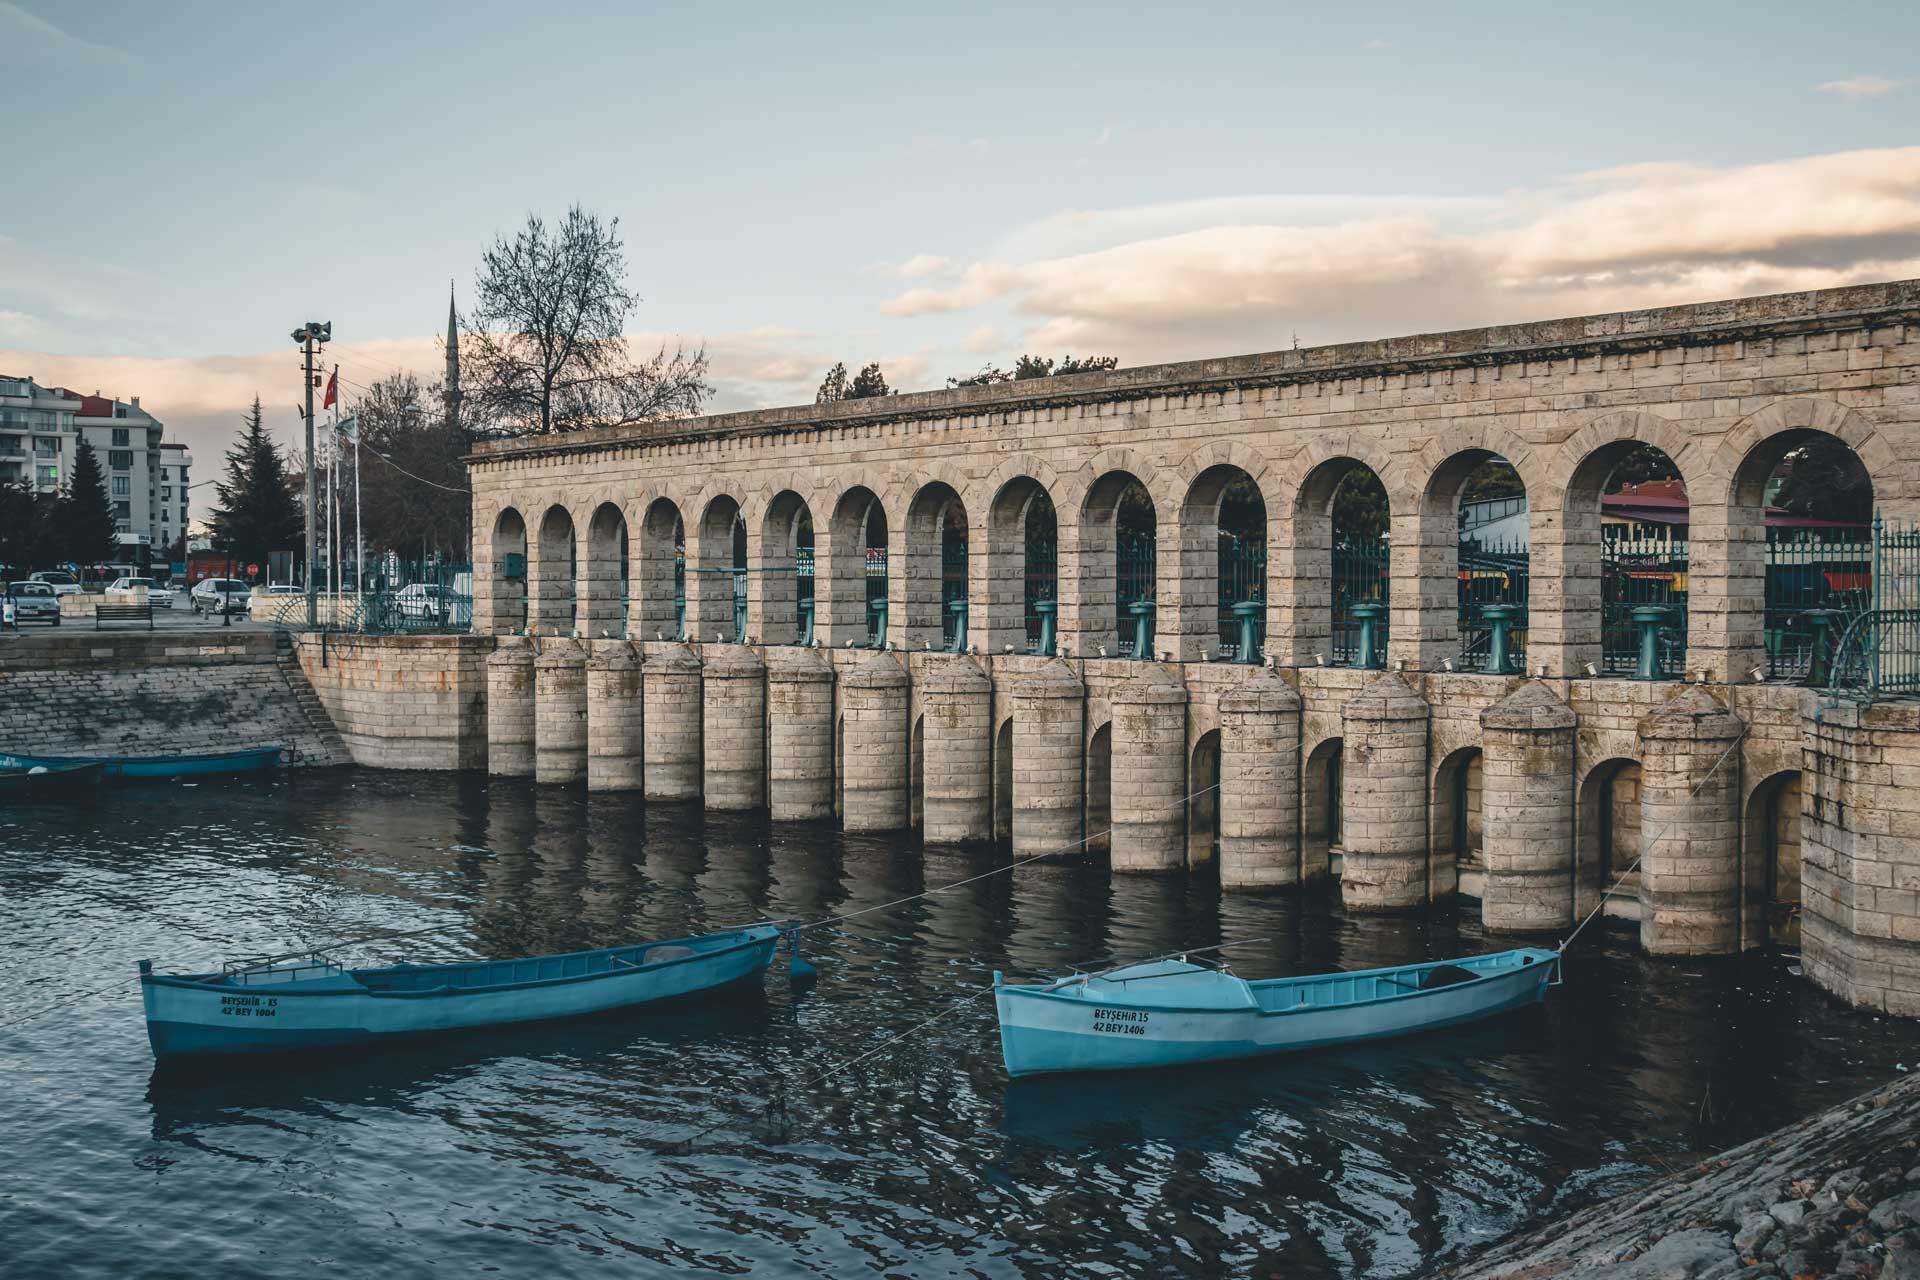 Beyşehir Fotoğrafları Taşköprü ve Tekneler Çekergezer Hakan Aydın Fotoğrafları